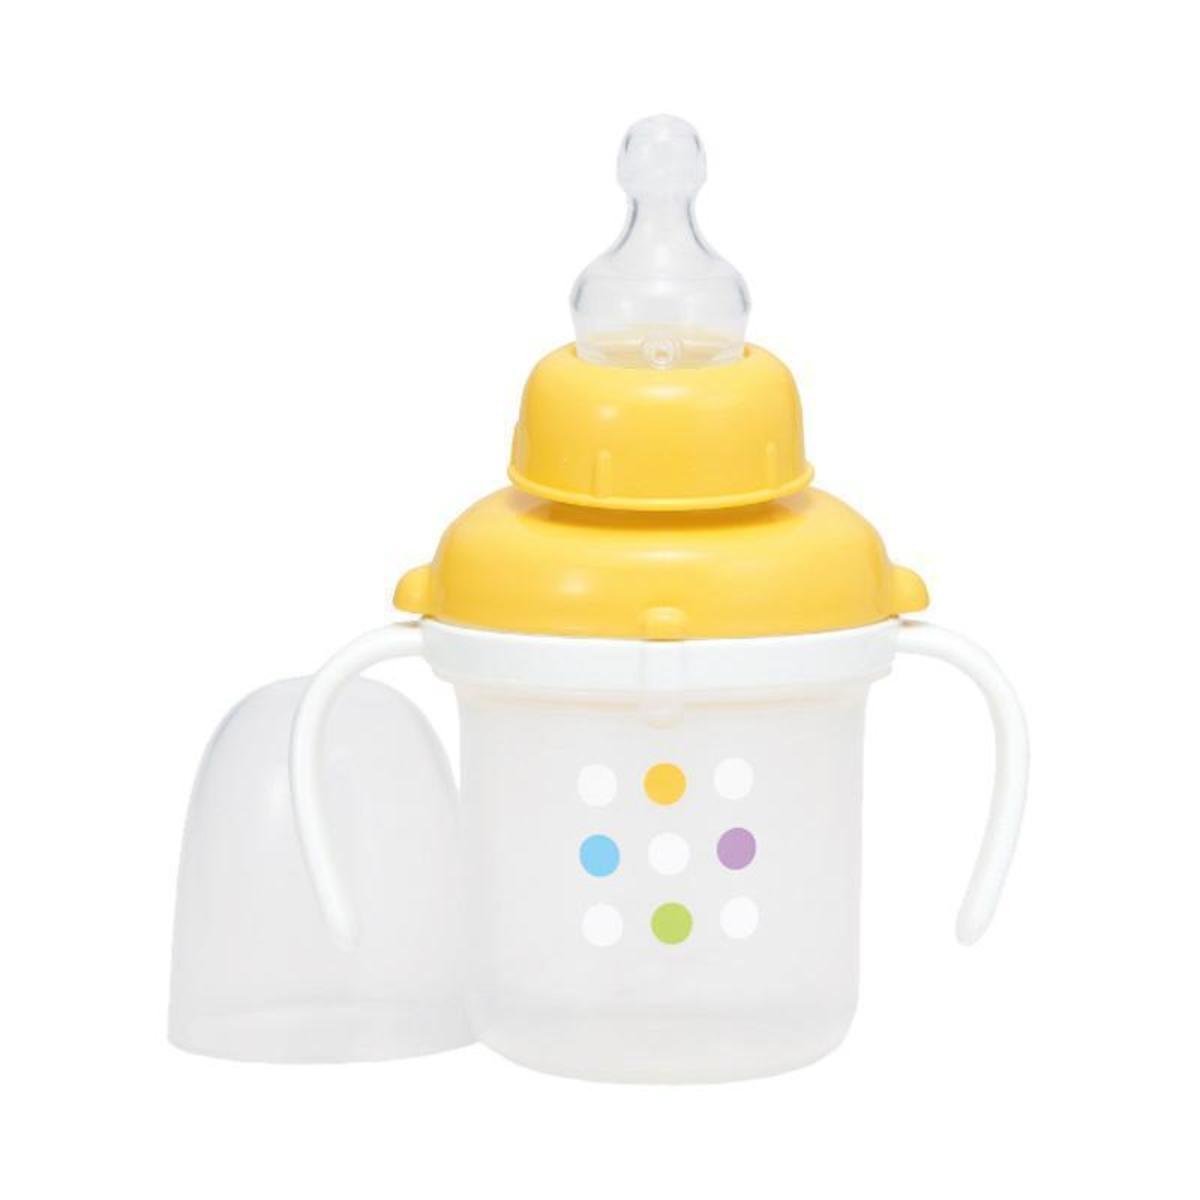 Milk Cup (No. 1 Cup)